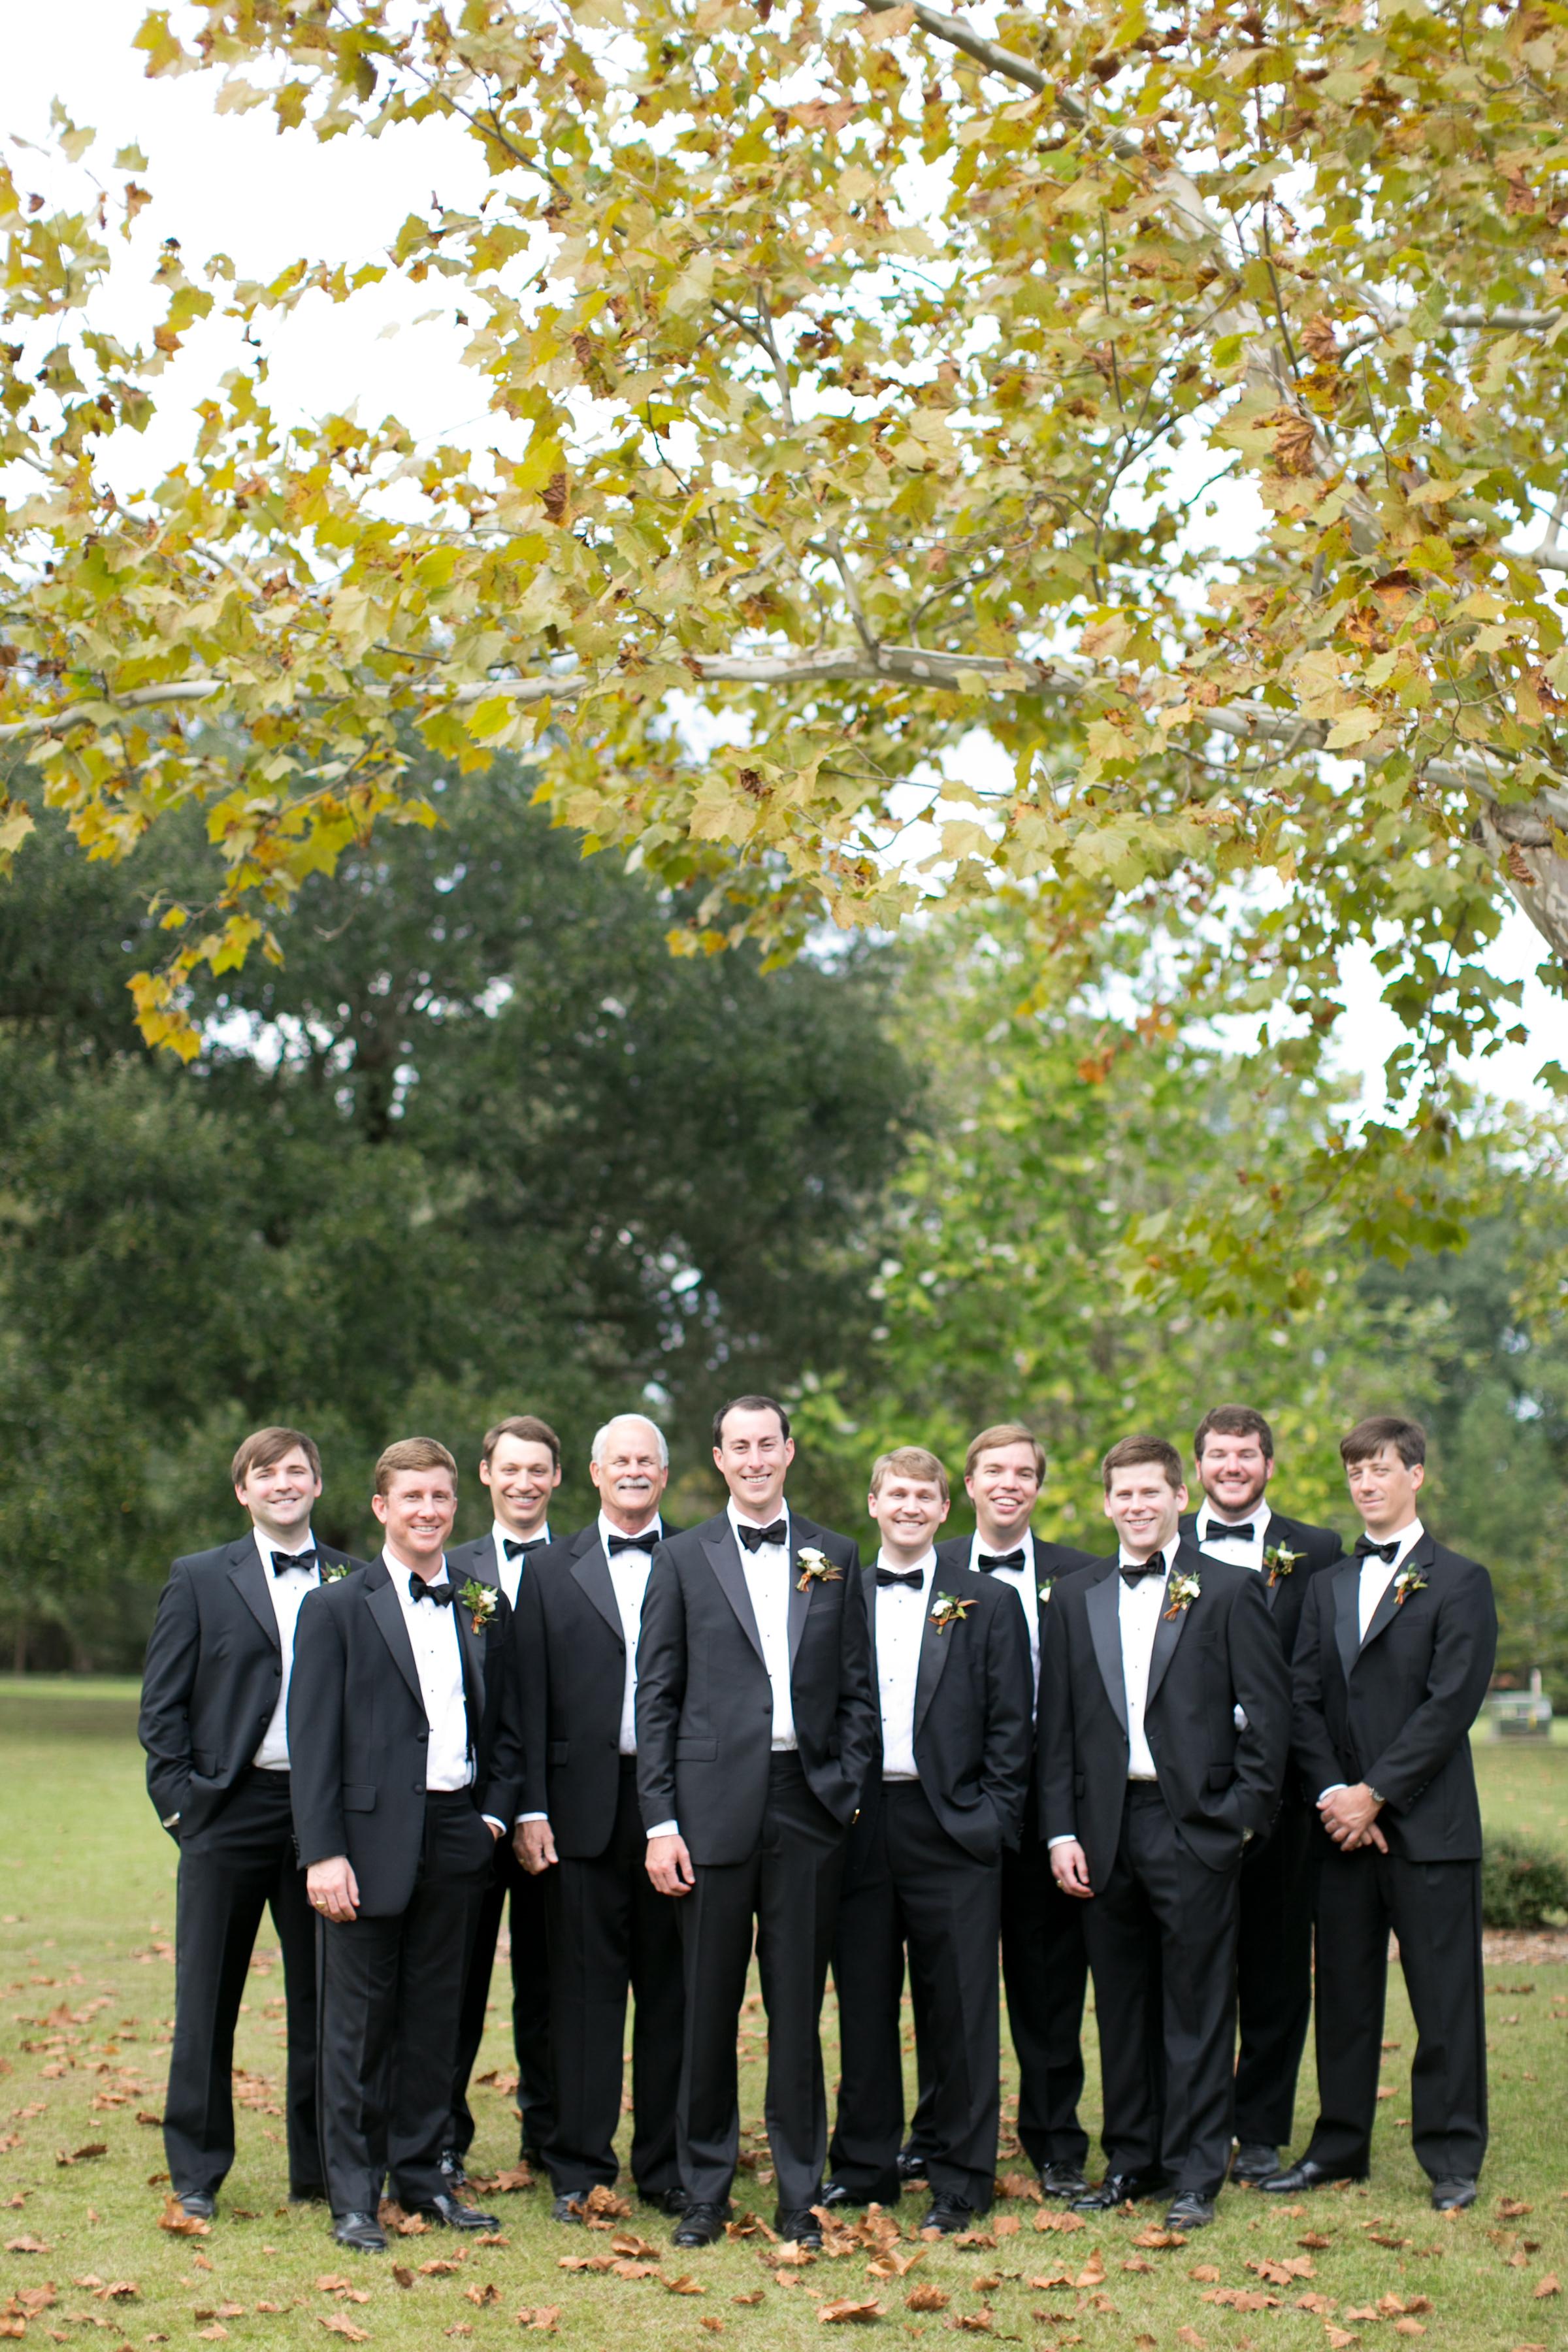 asheville_wedding_photographer65.jpg